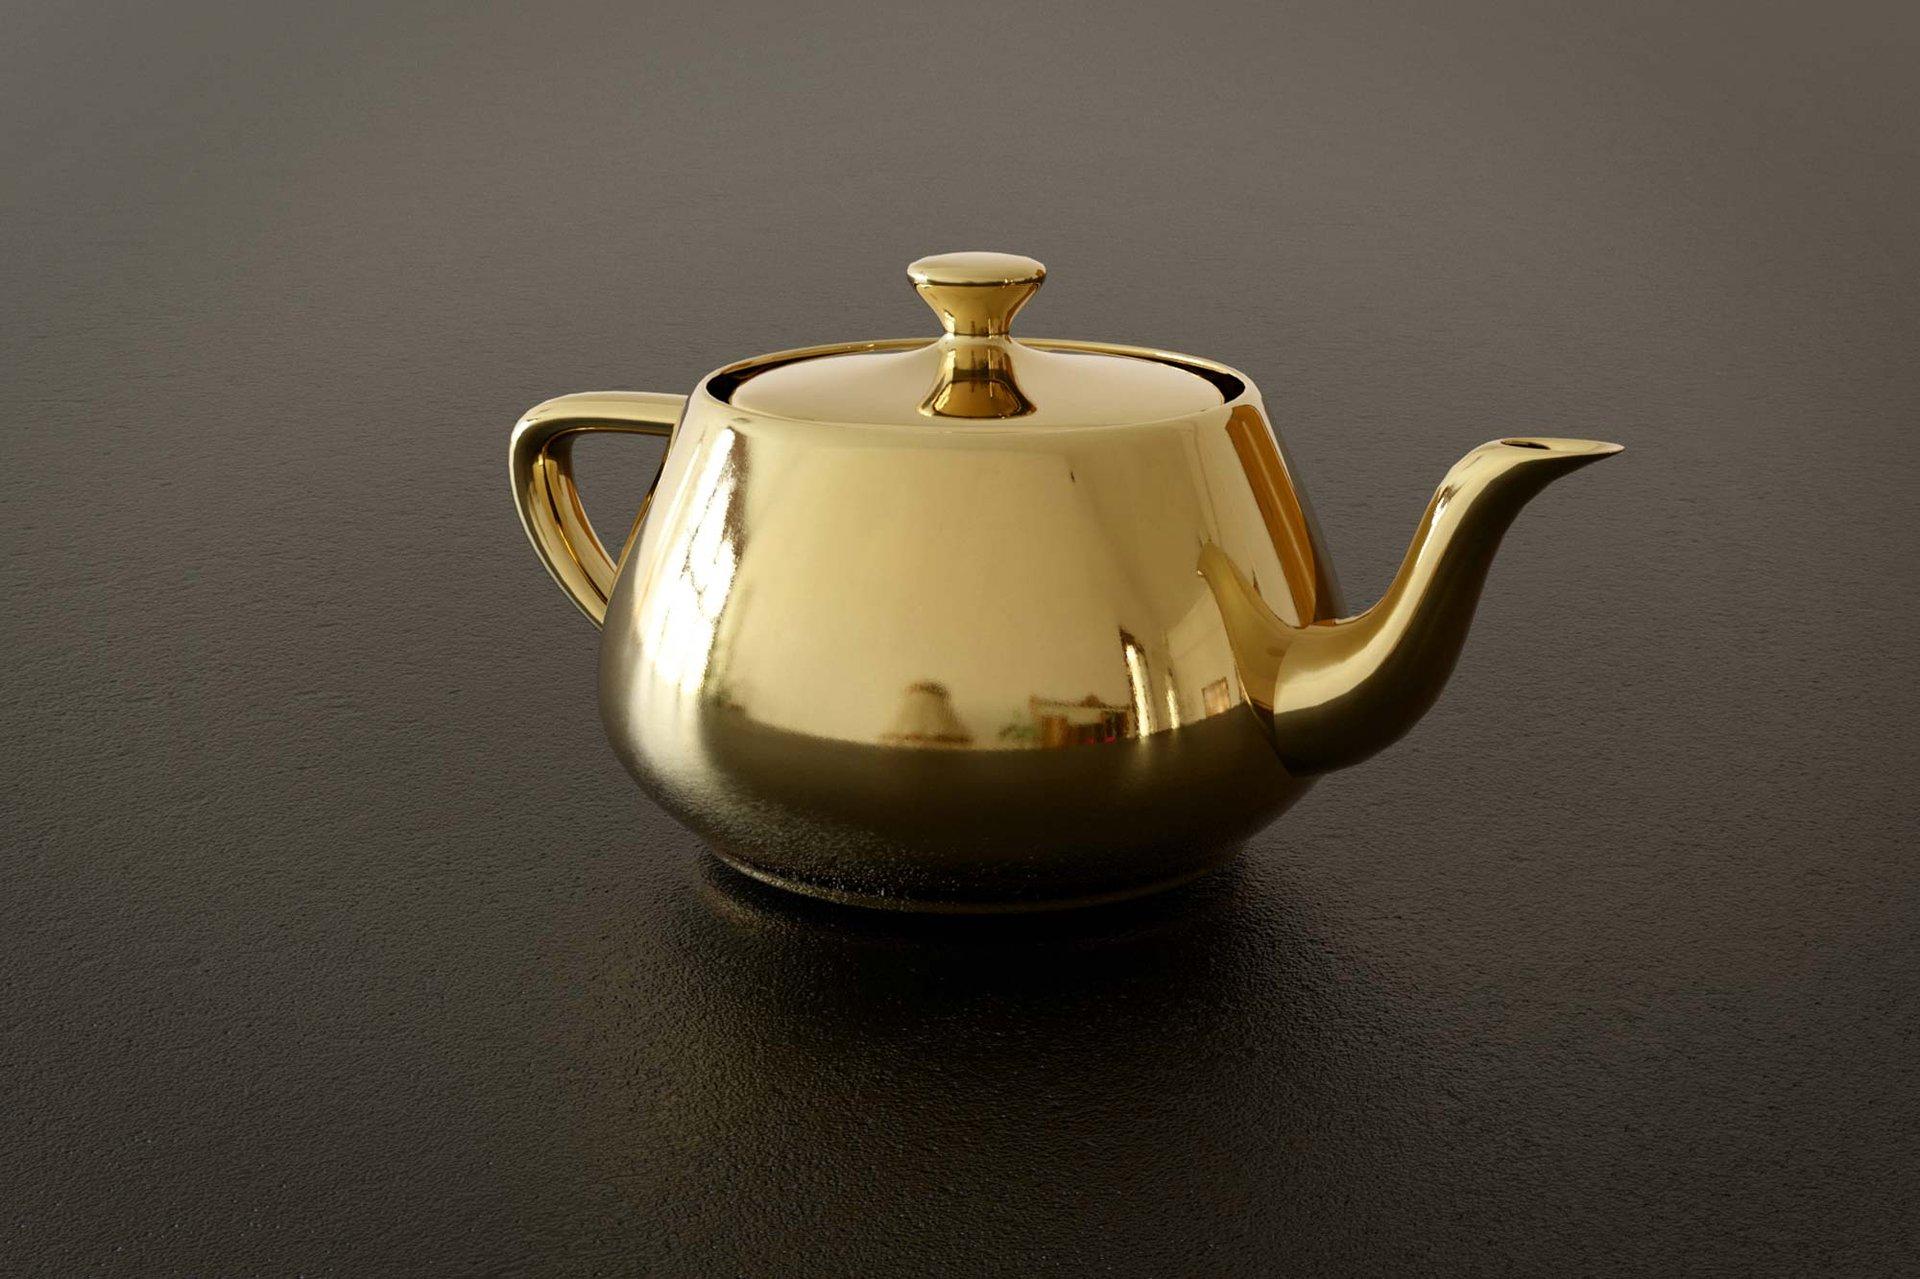 4_Teapot_Final_Textured